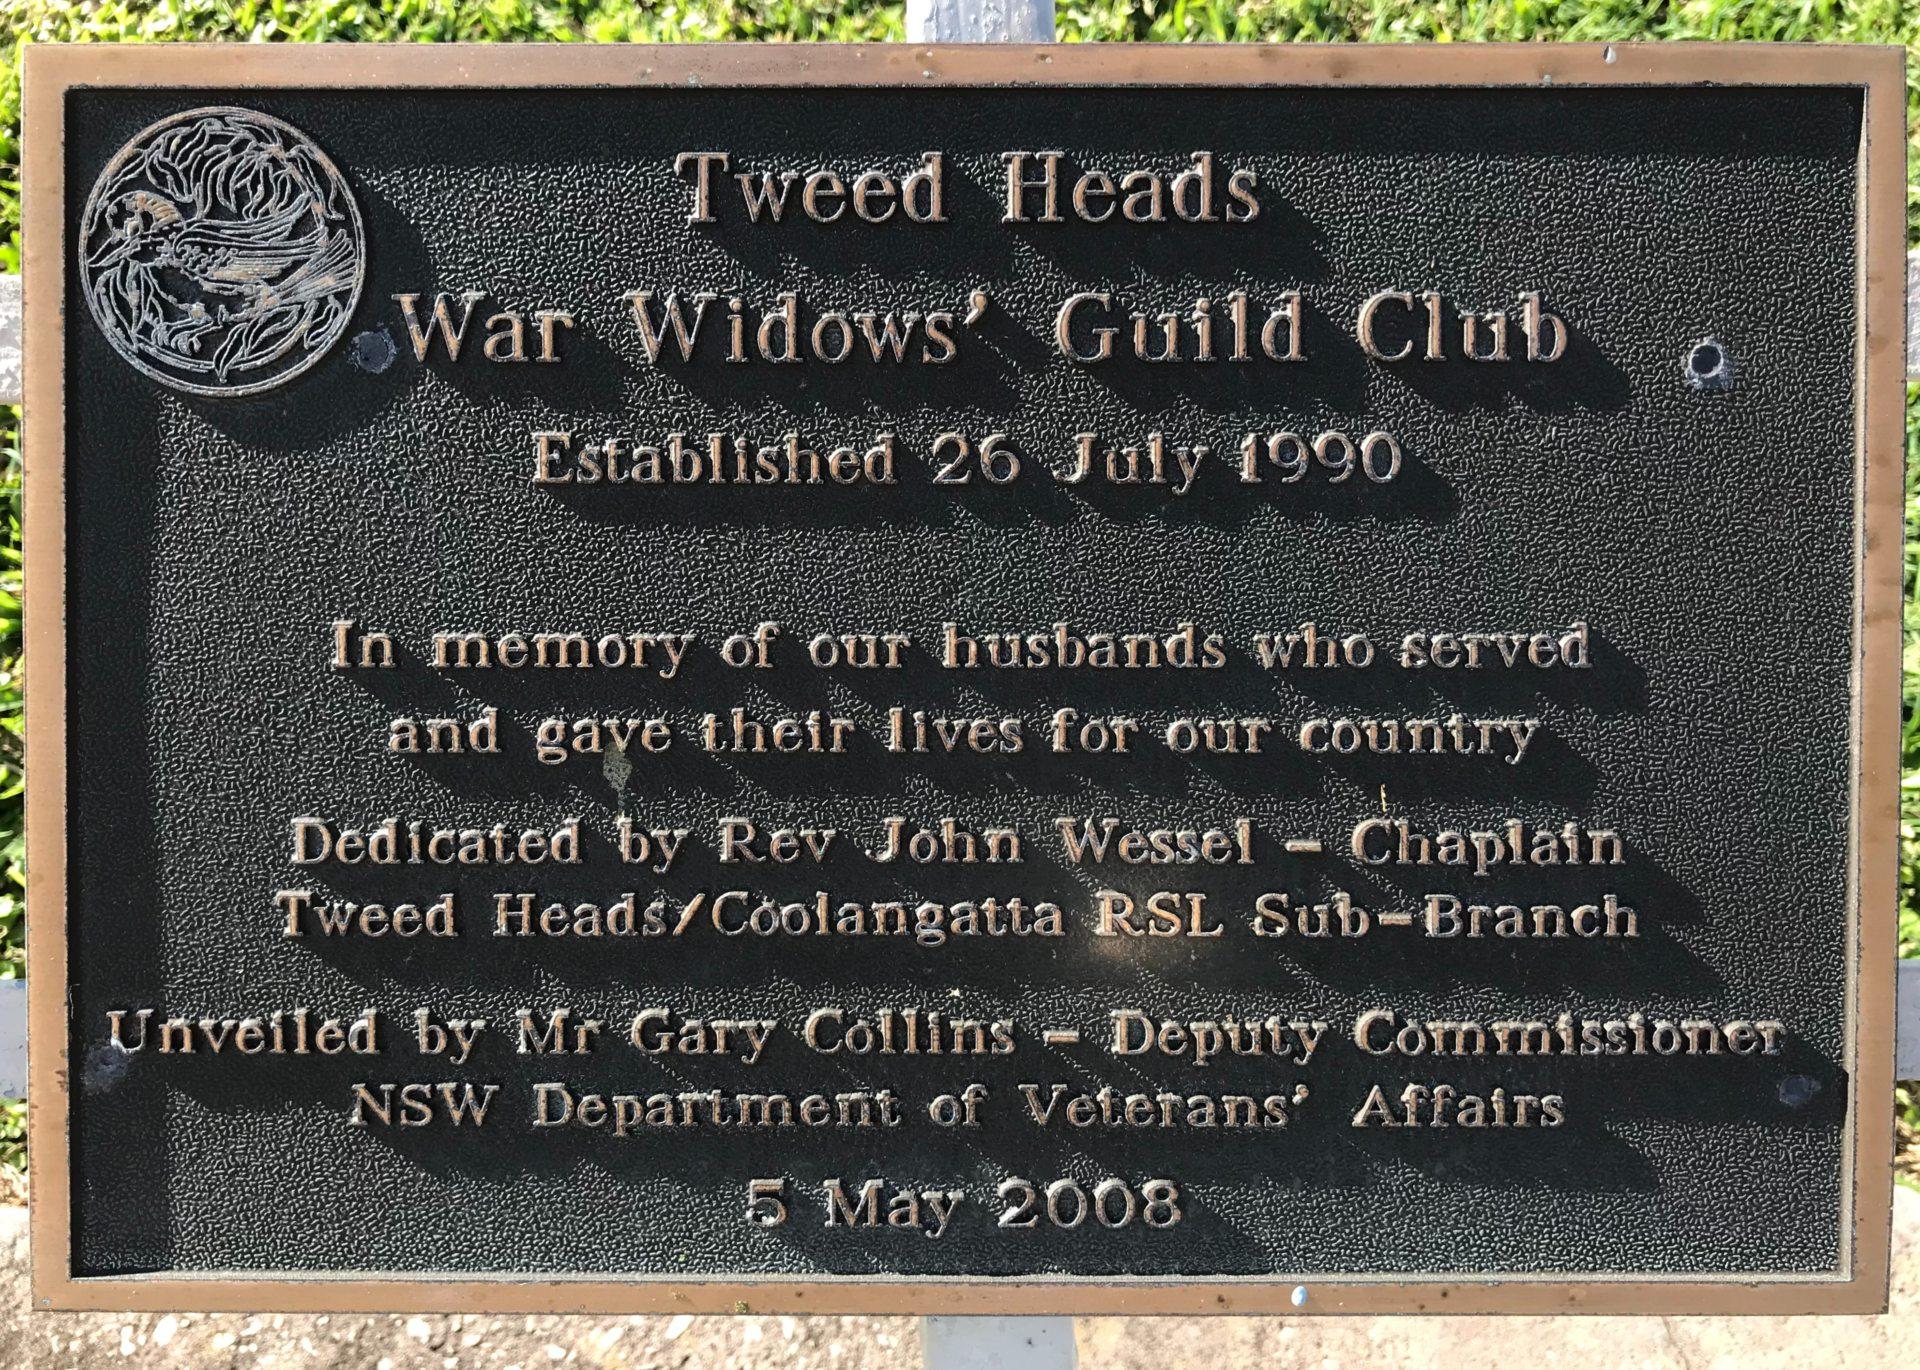 Tweed Heads War Widows Guild Club Memorial Plaque